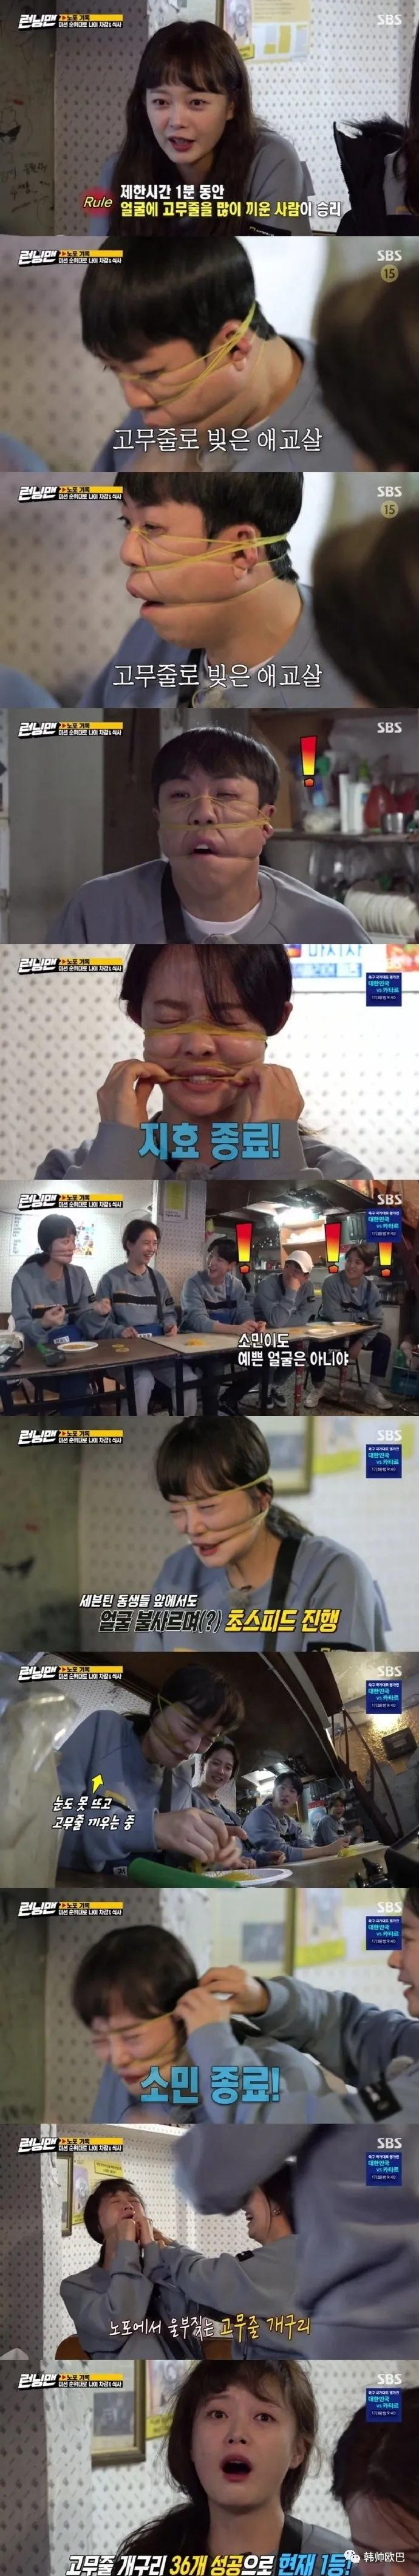 昨日播出的《RM》里玩的游戏也太危险了,受到韩网友批评